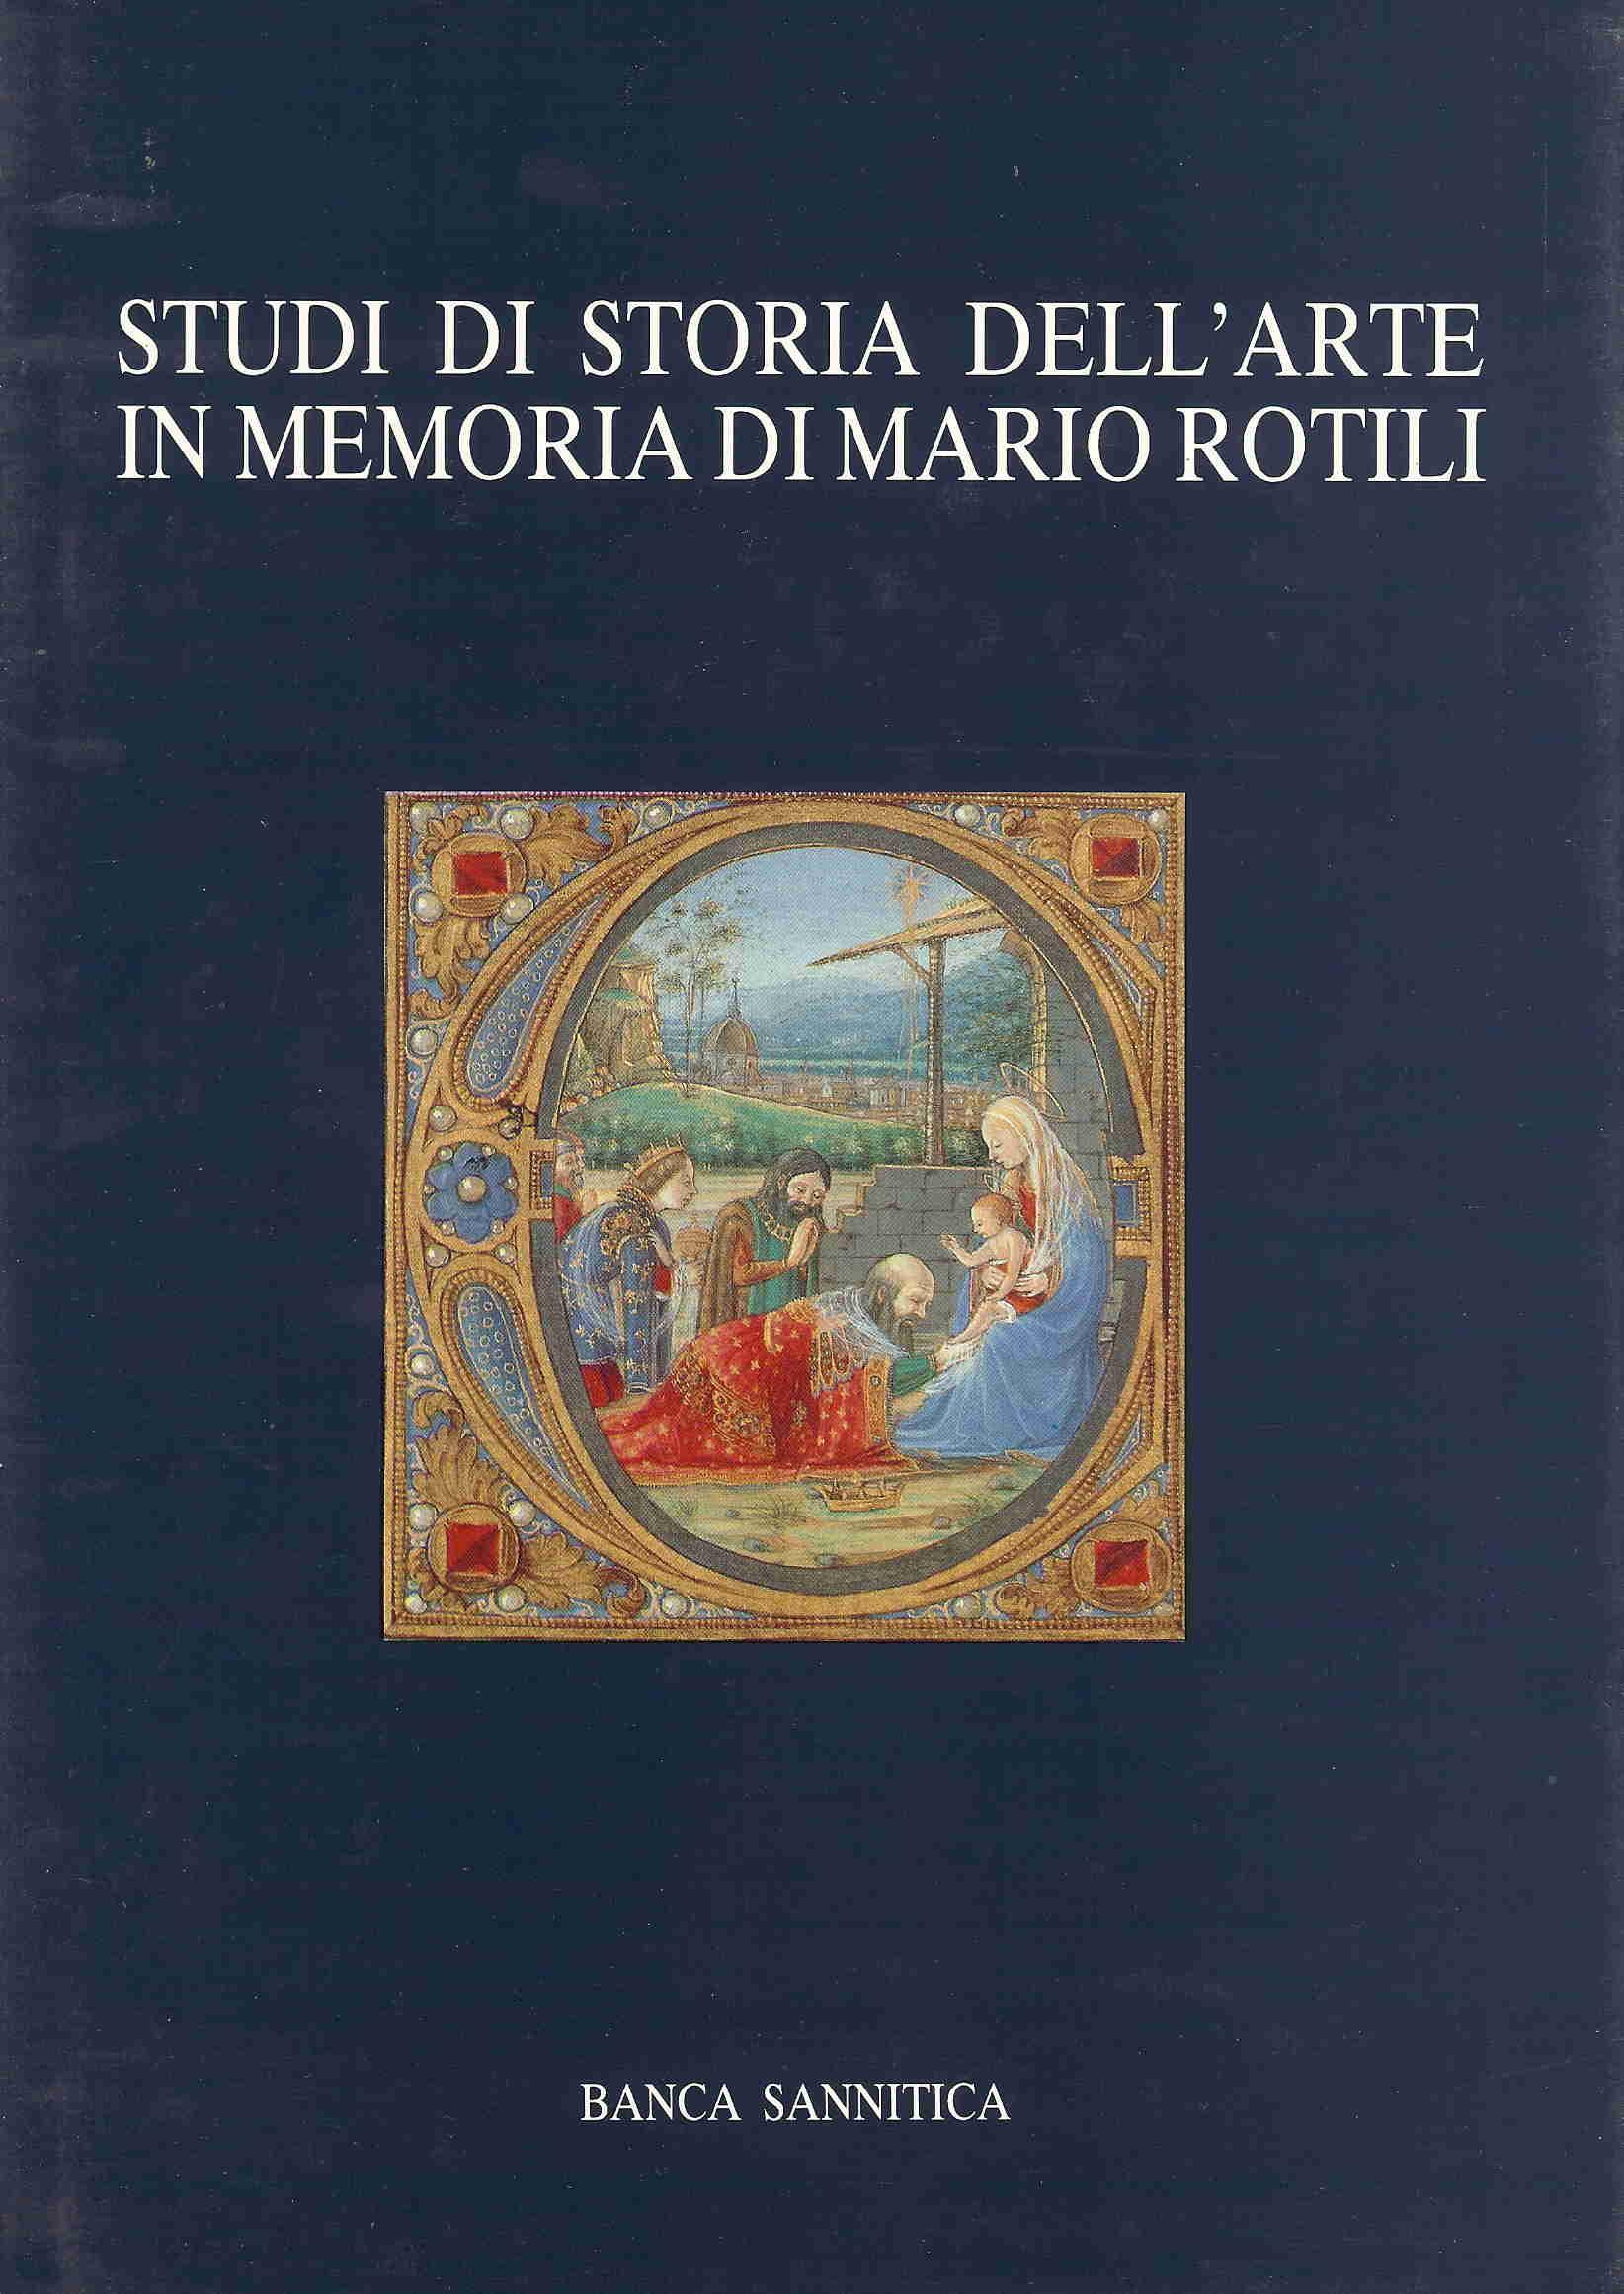 Studi di storia dell'arte in memoria di Mario Rotili